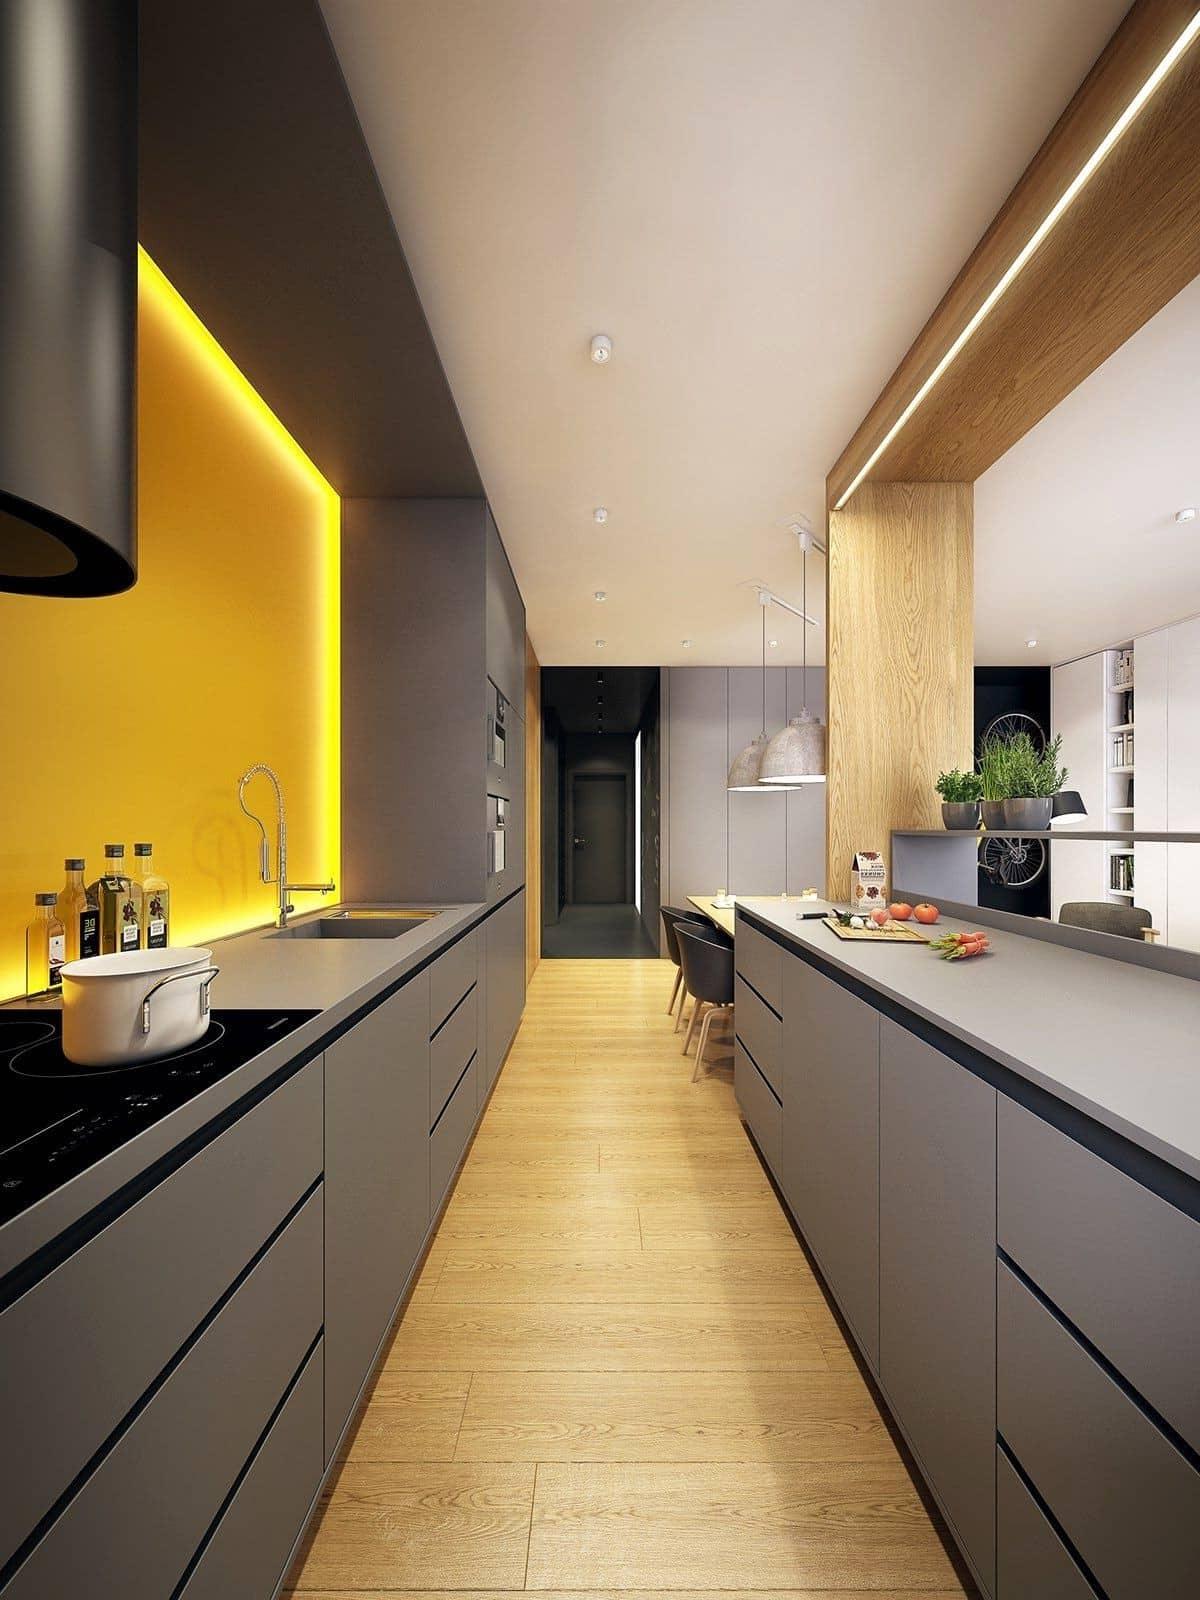 Une cuisine moderne et élégante dans les tons gris, avec un espace de travail bien organisé.